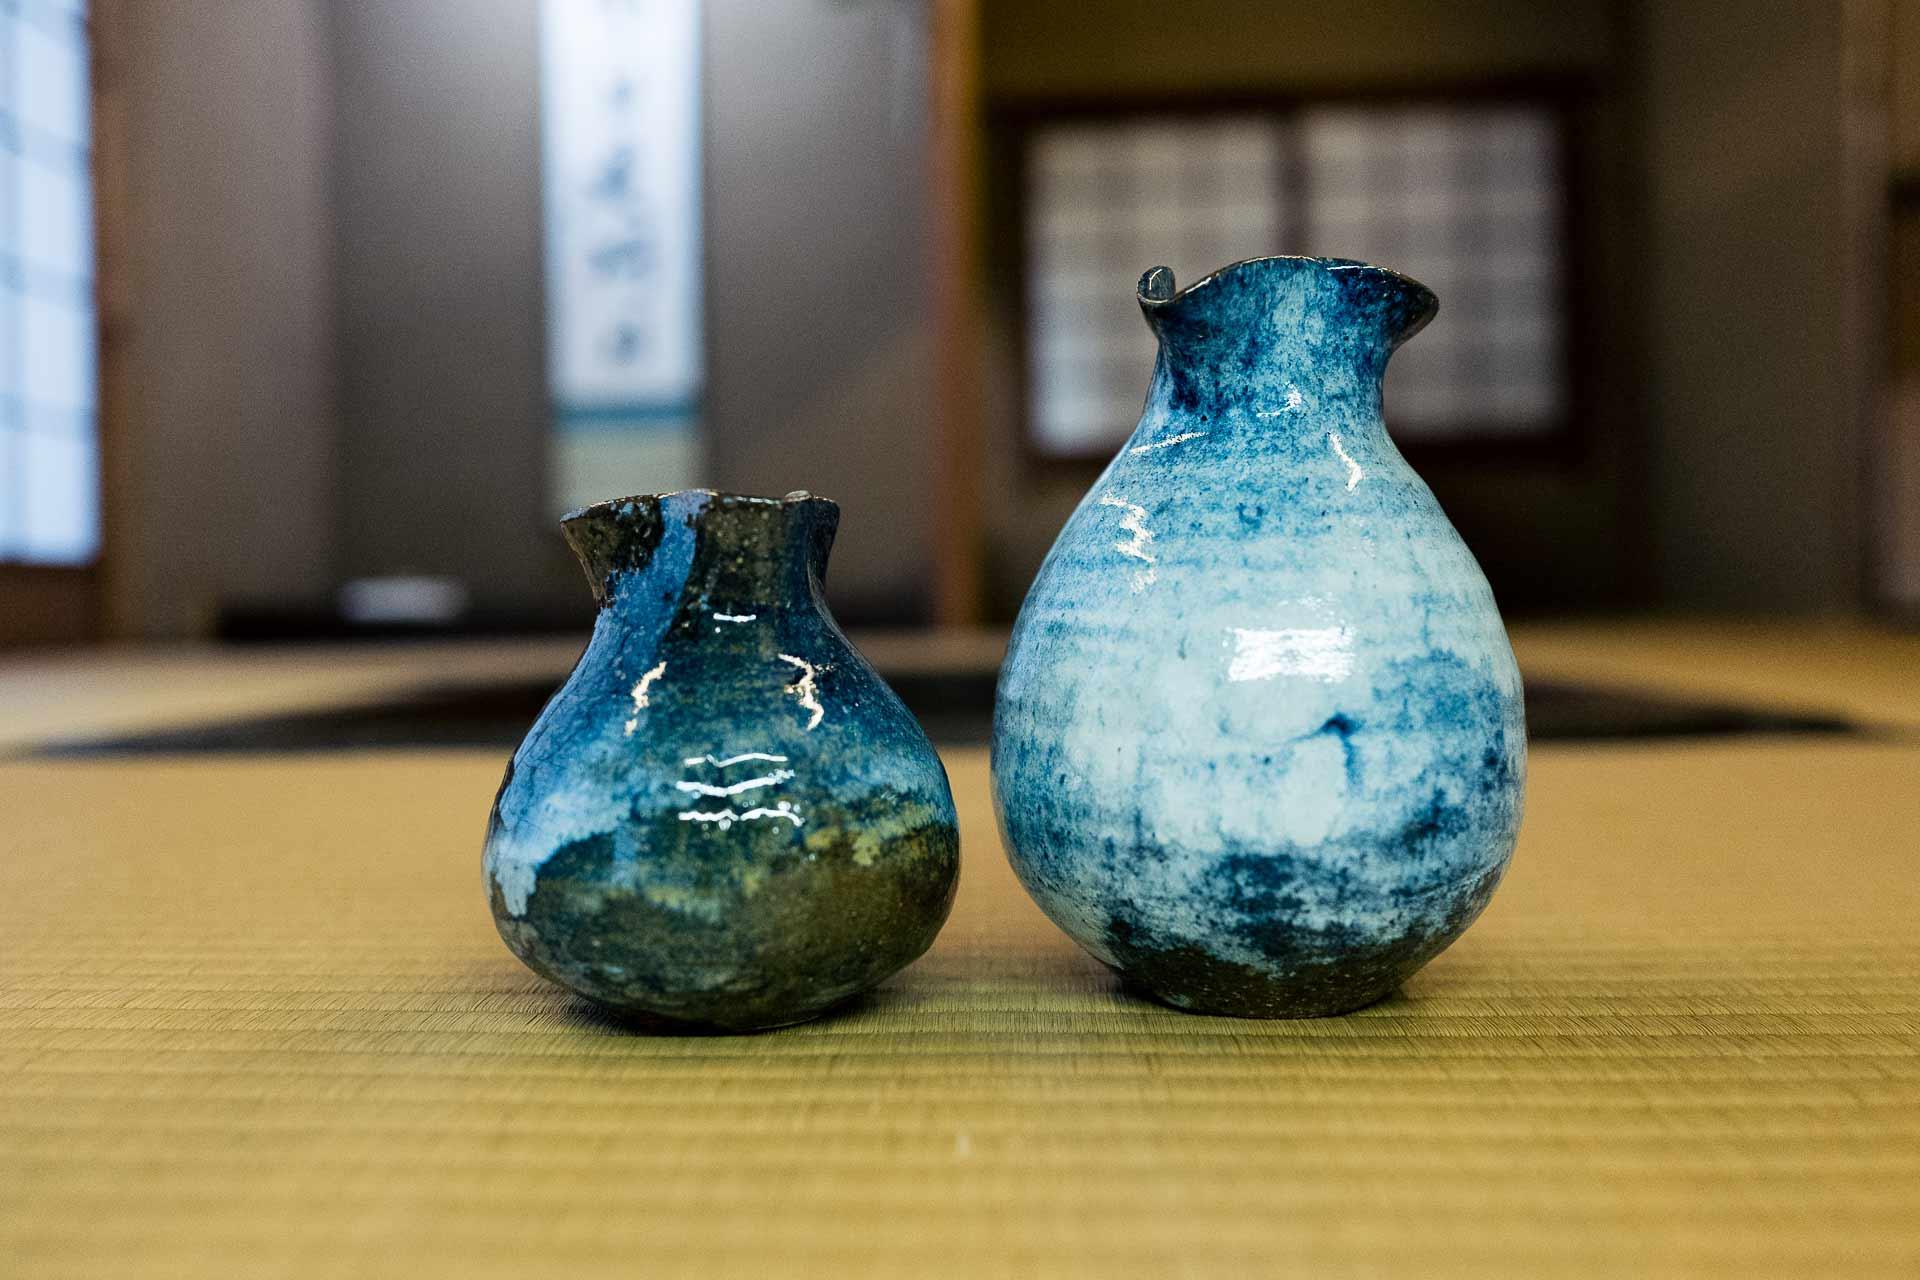 今回の窯出しで作られた青色が美しい徳利